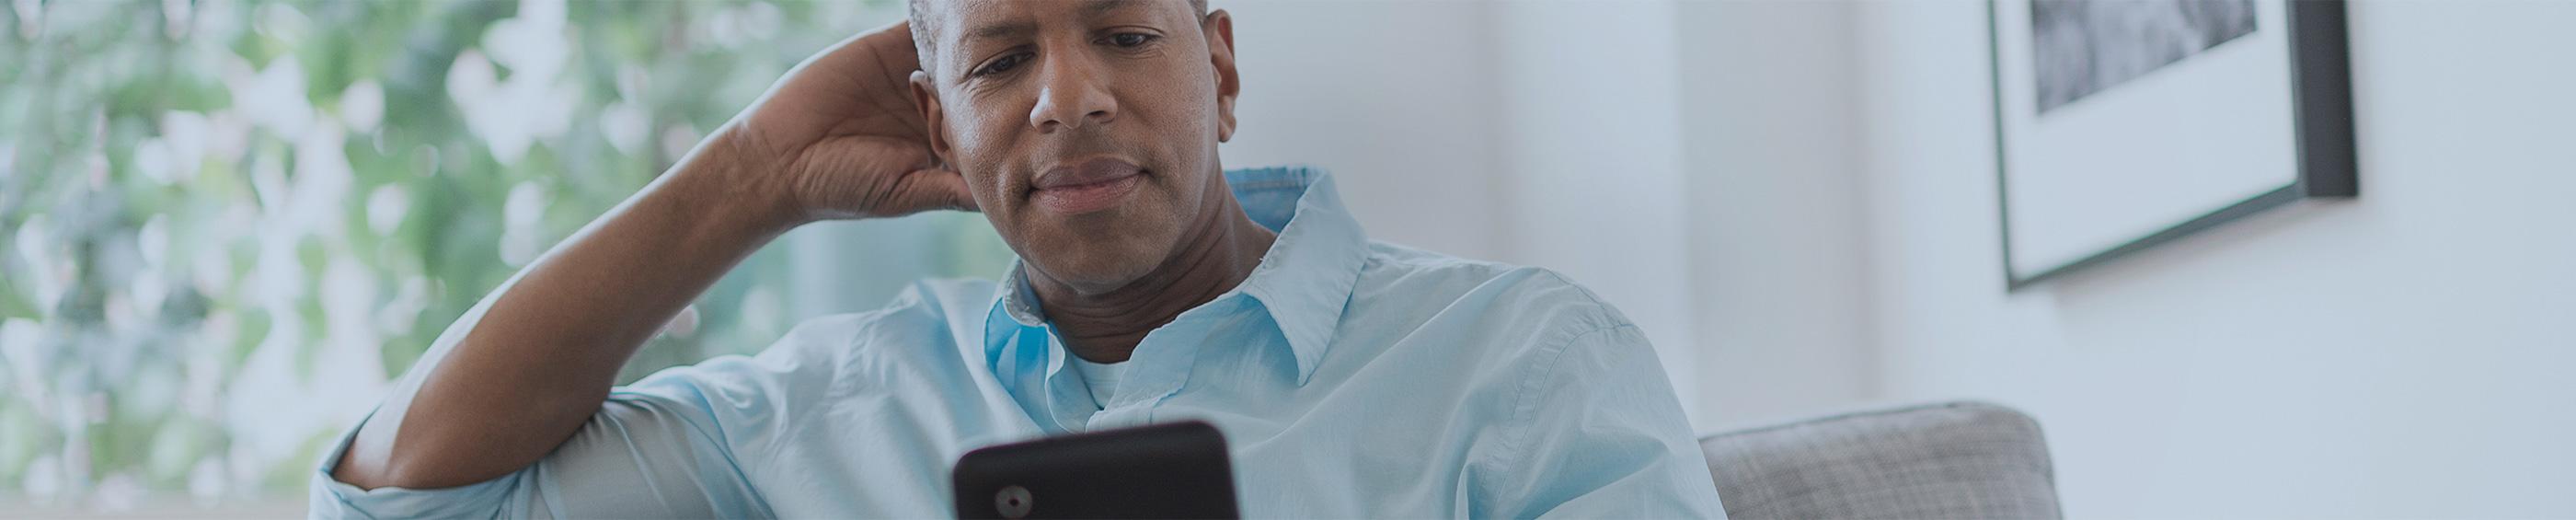 Что следует знать родителям о контактных линзах